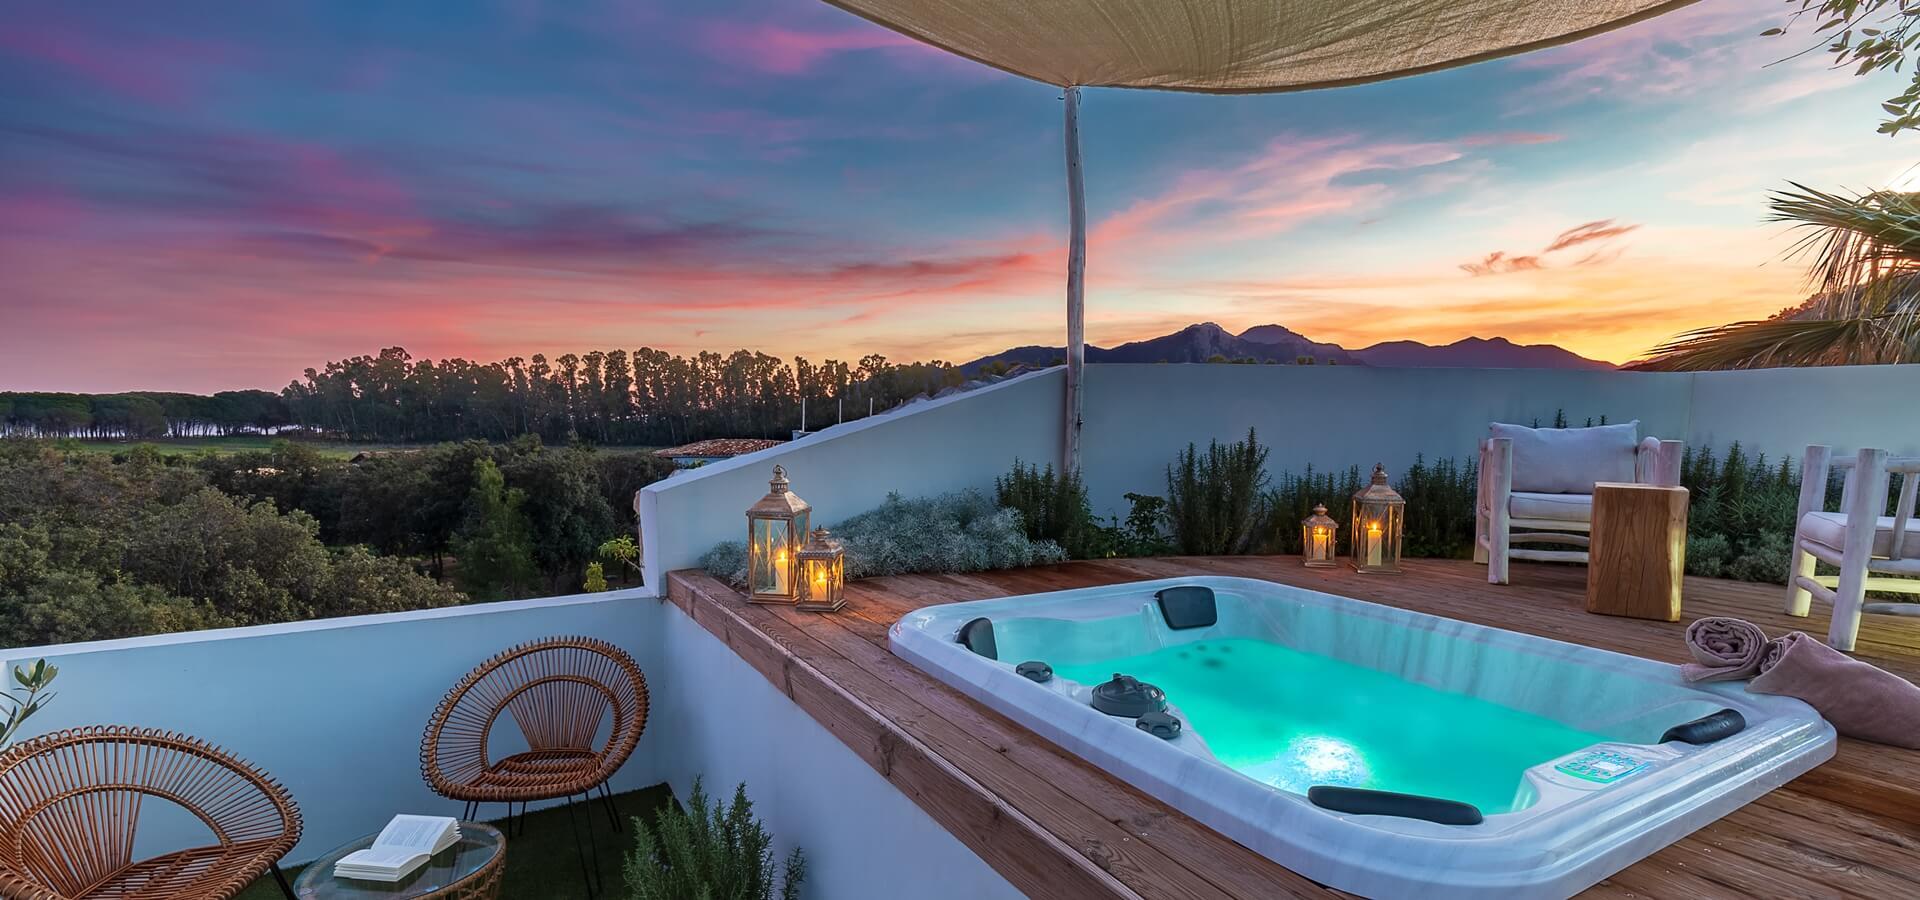 bovishotels_hotel_corte_bianca